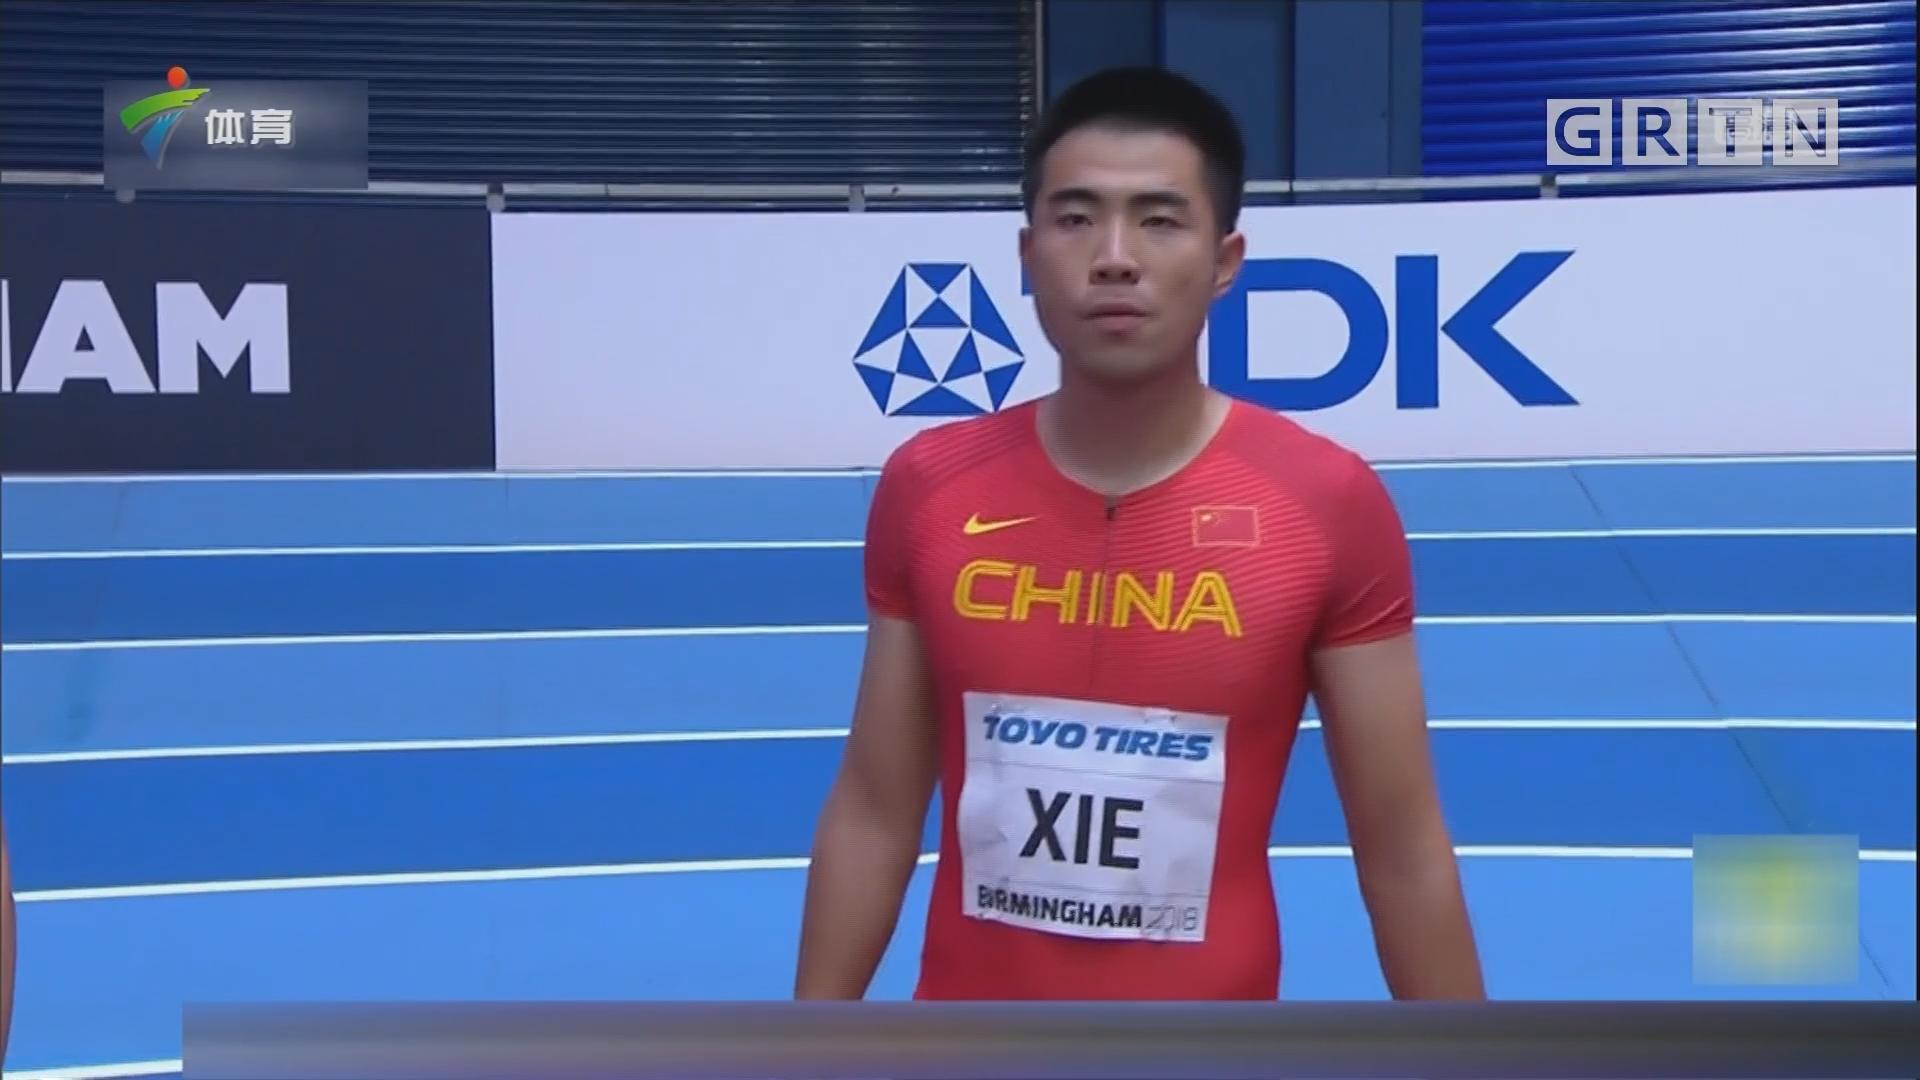 谢文骏晋级男子60米栏半决赛